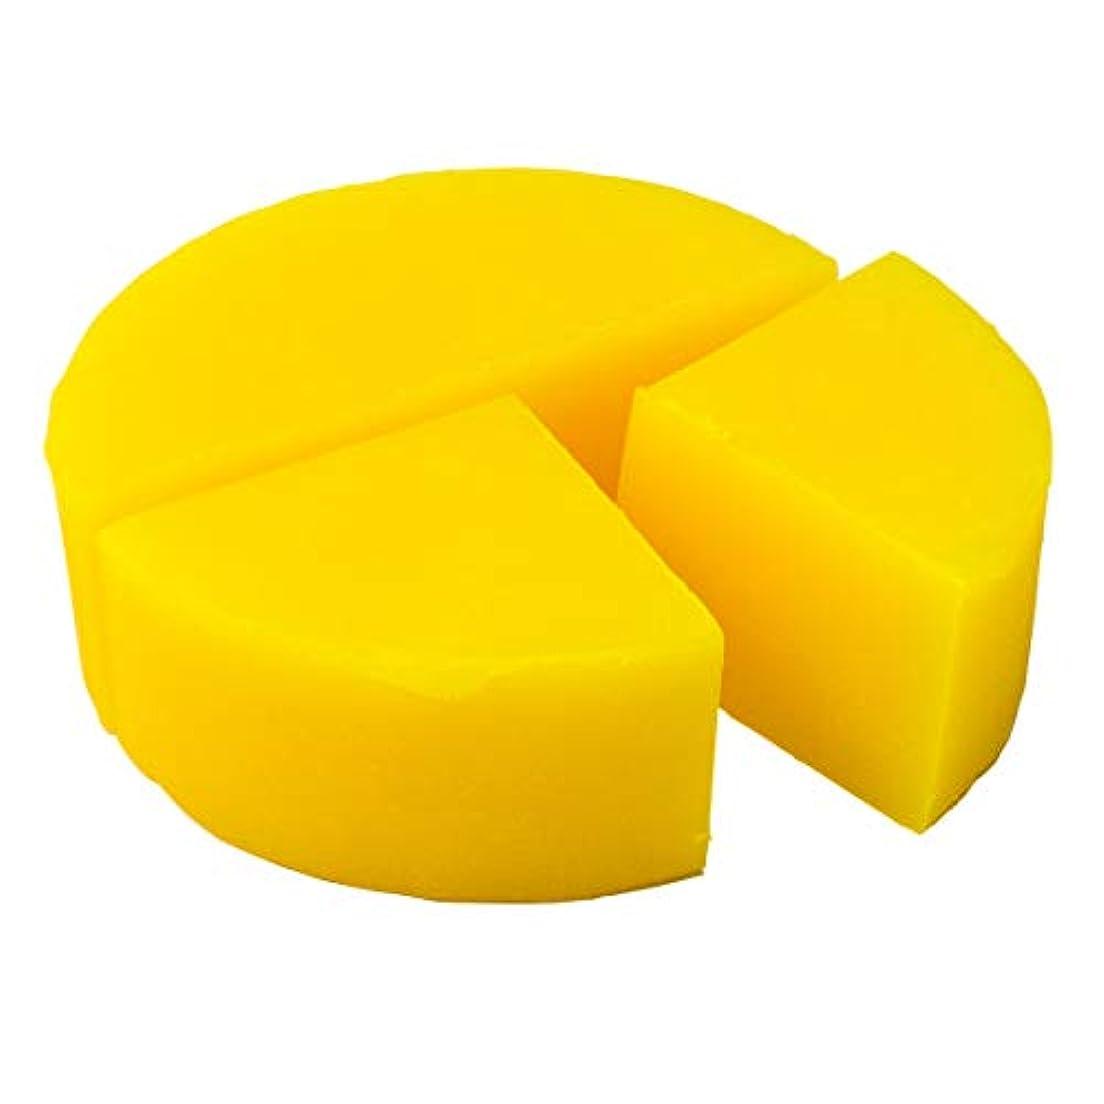 騒ぎ宿るトリクルグリセリン クリアソープ 色チップ 黄 100g (MPソープ)